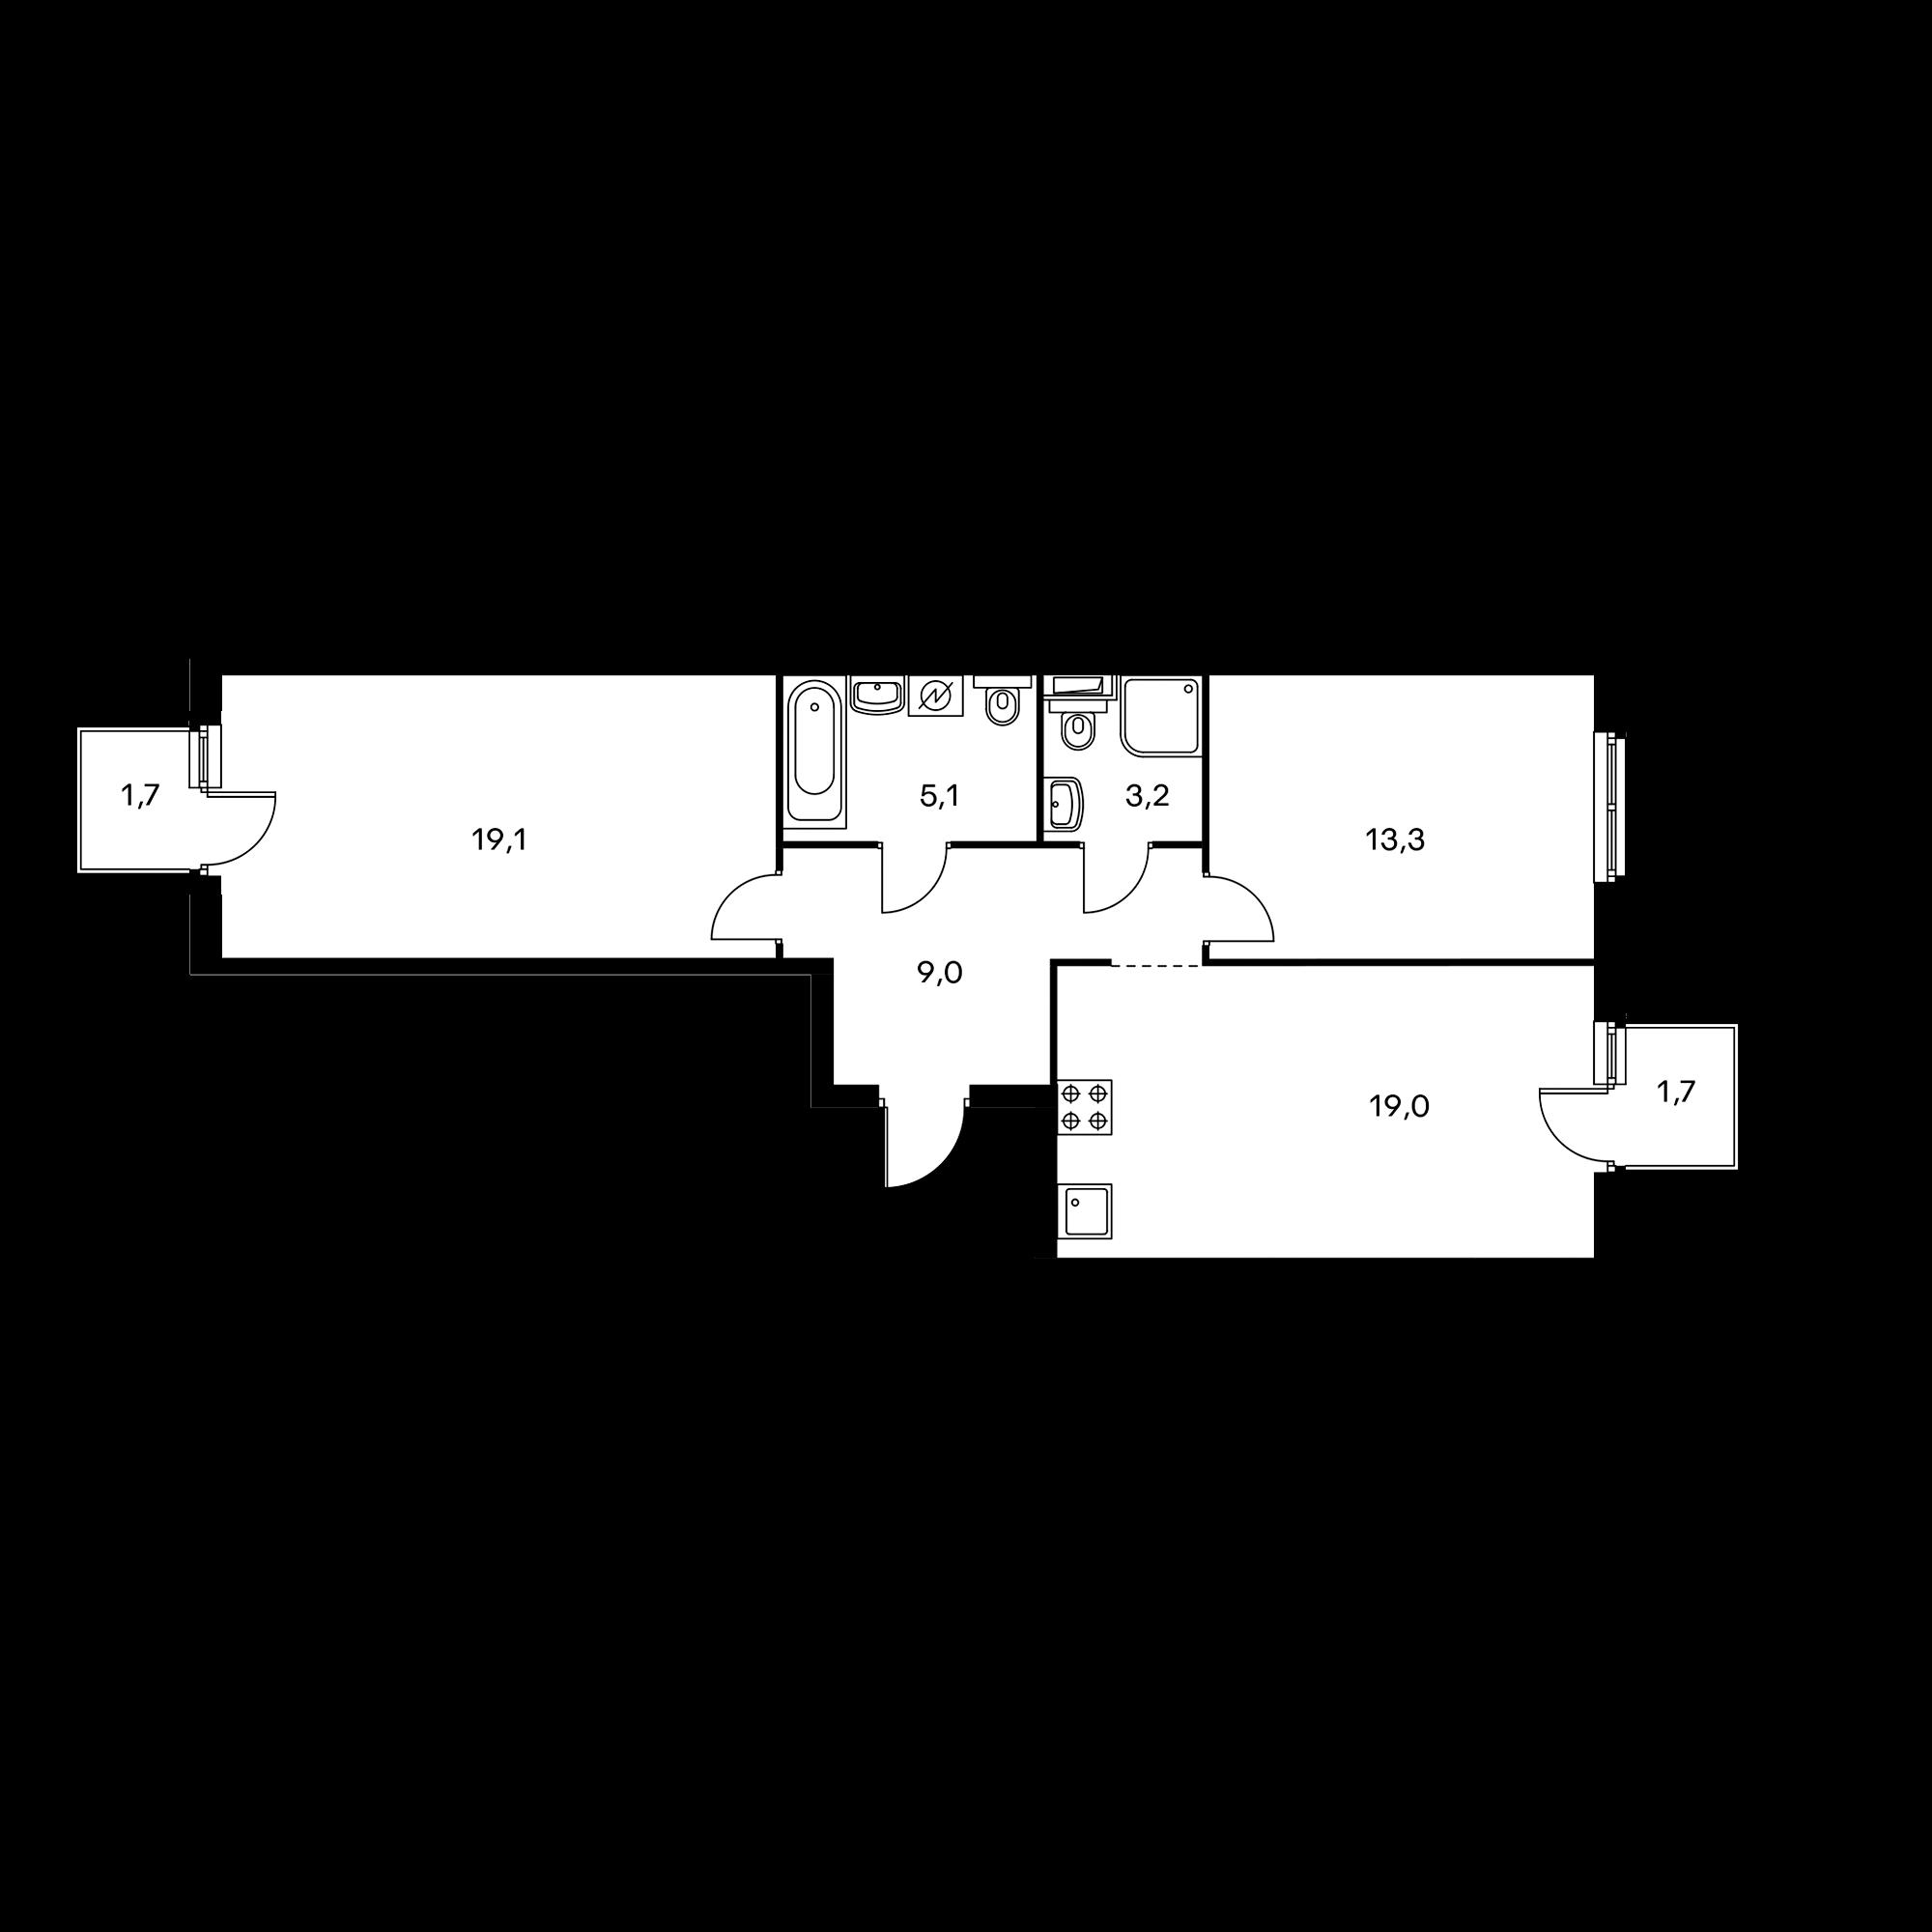 2EL3_6.6-B2